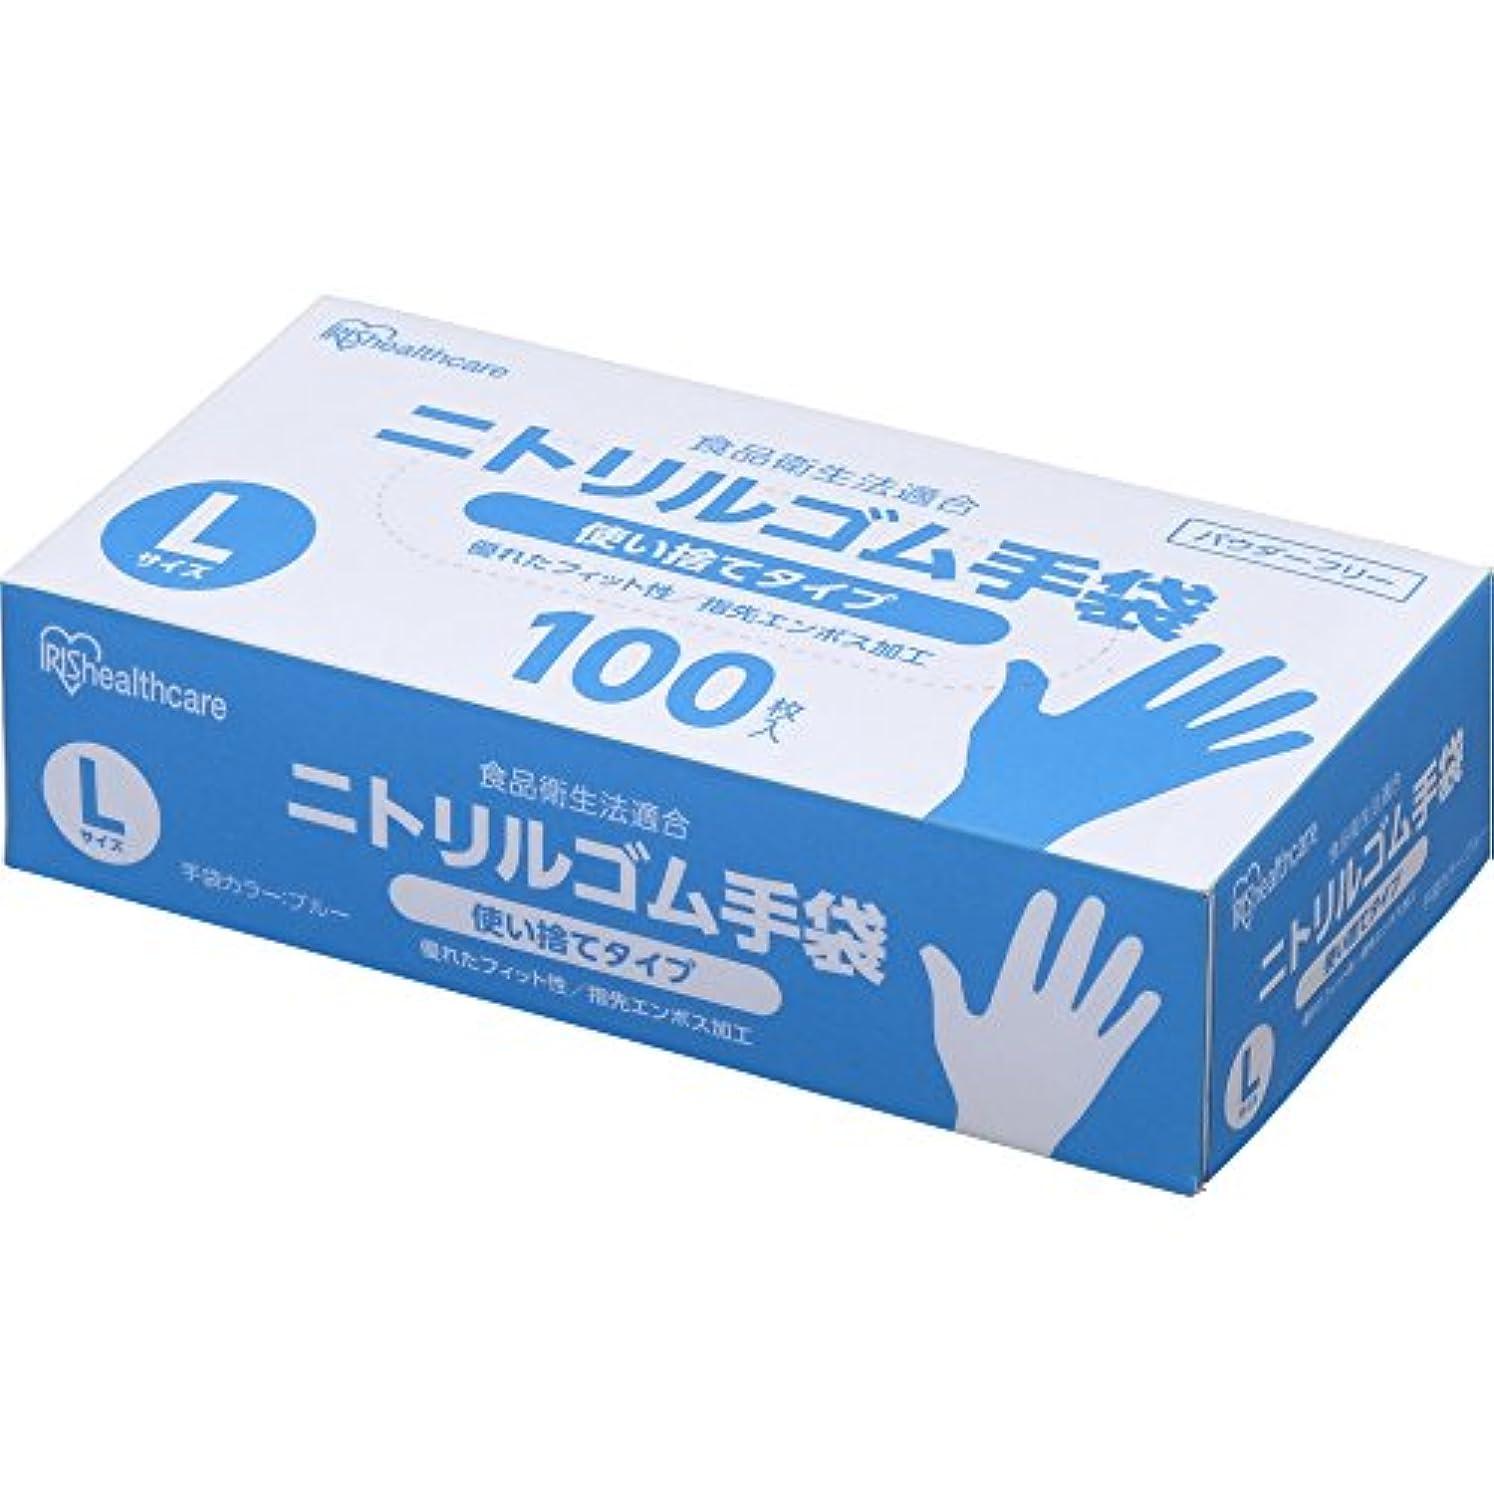 いつレトルトライナーアイリスオーヤマ 使い捨て手袋 ブルー ニトリルゴム 100枚 Lサイズ 業務用